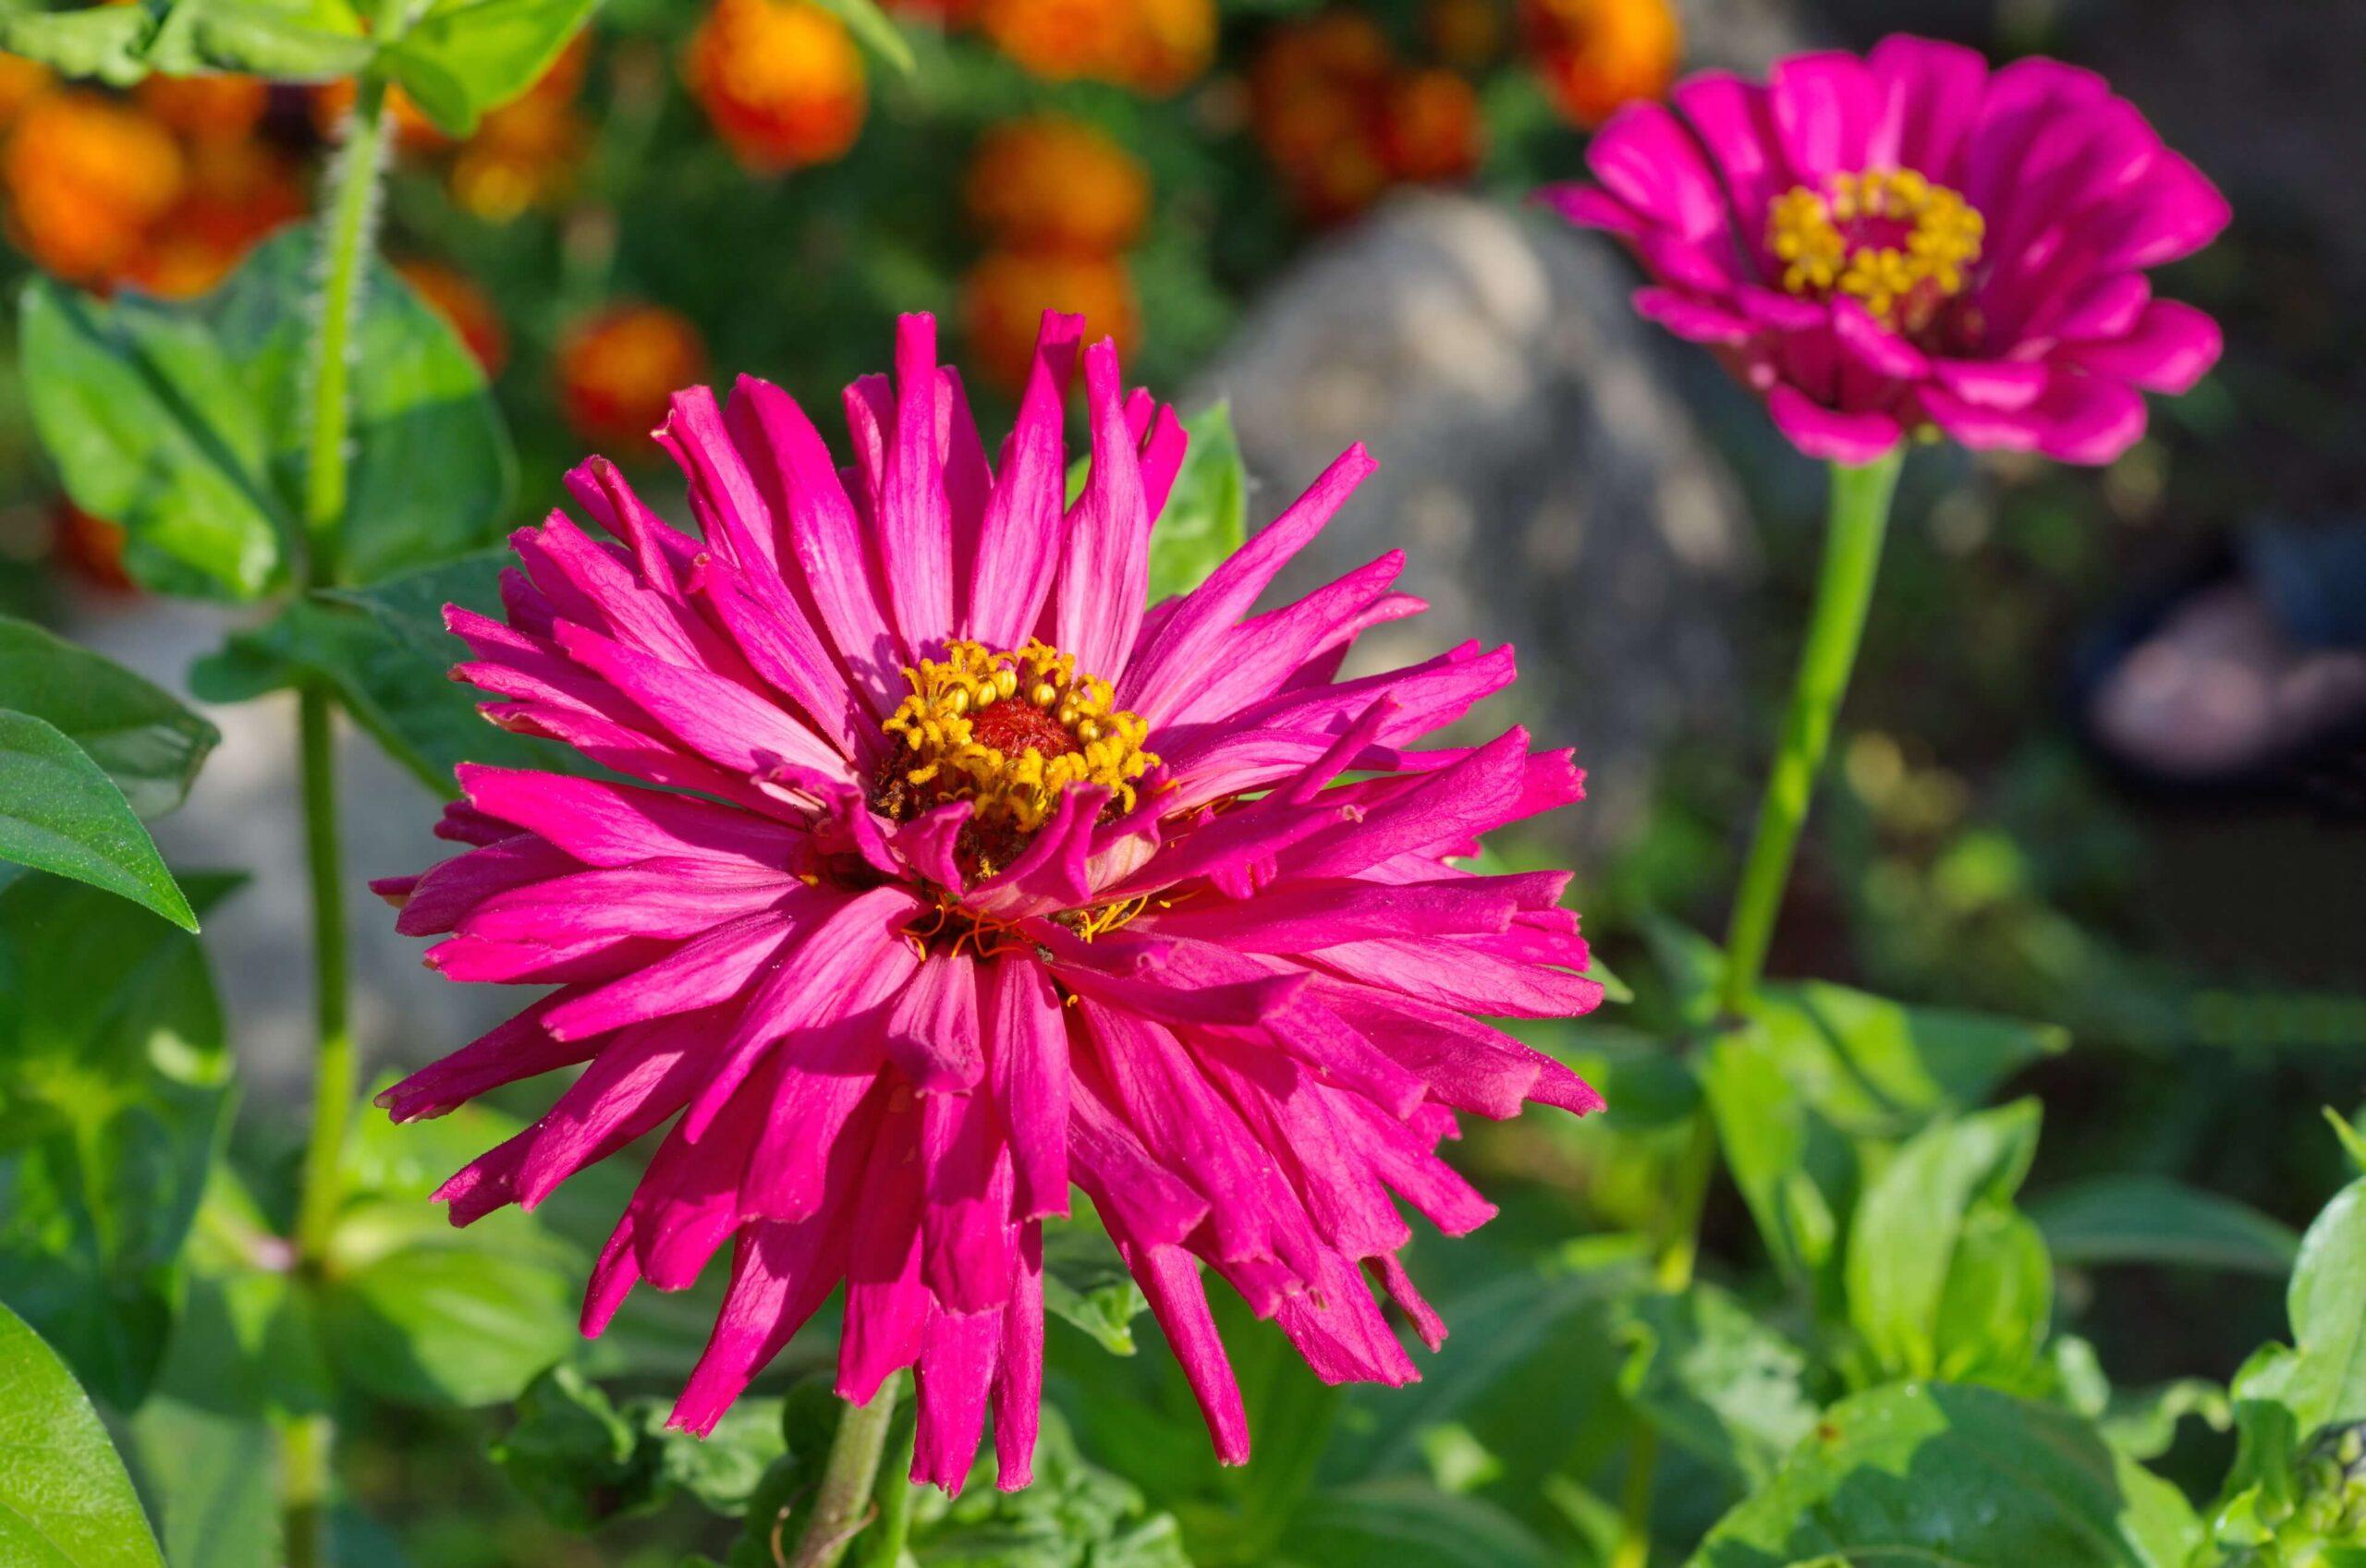 Burpeeana Zinnia flower with spiky flower petals